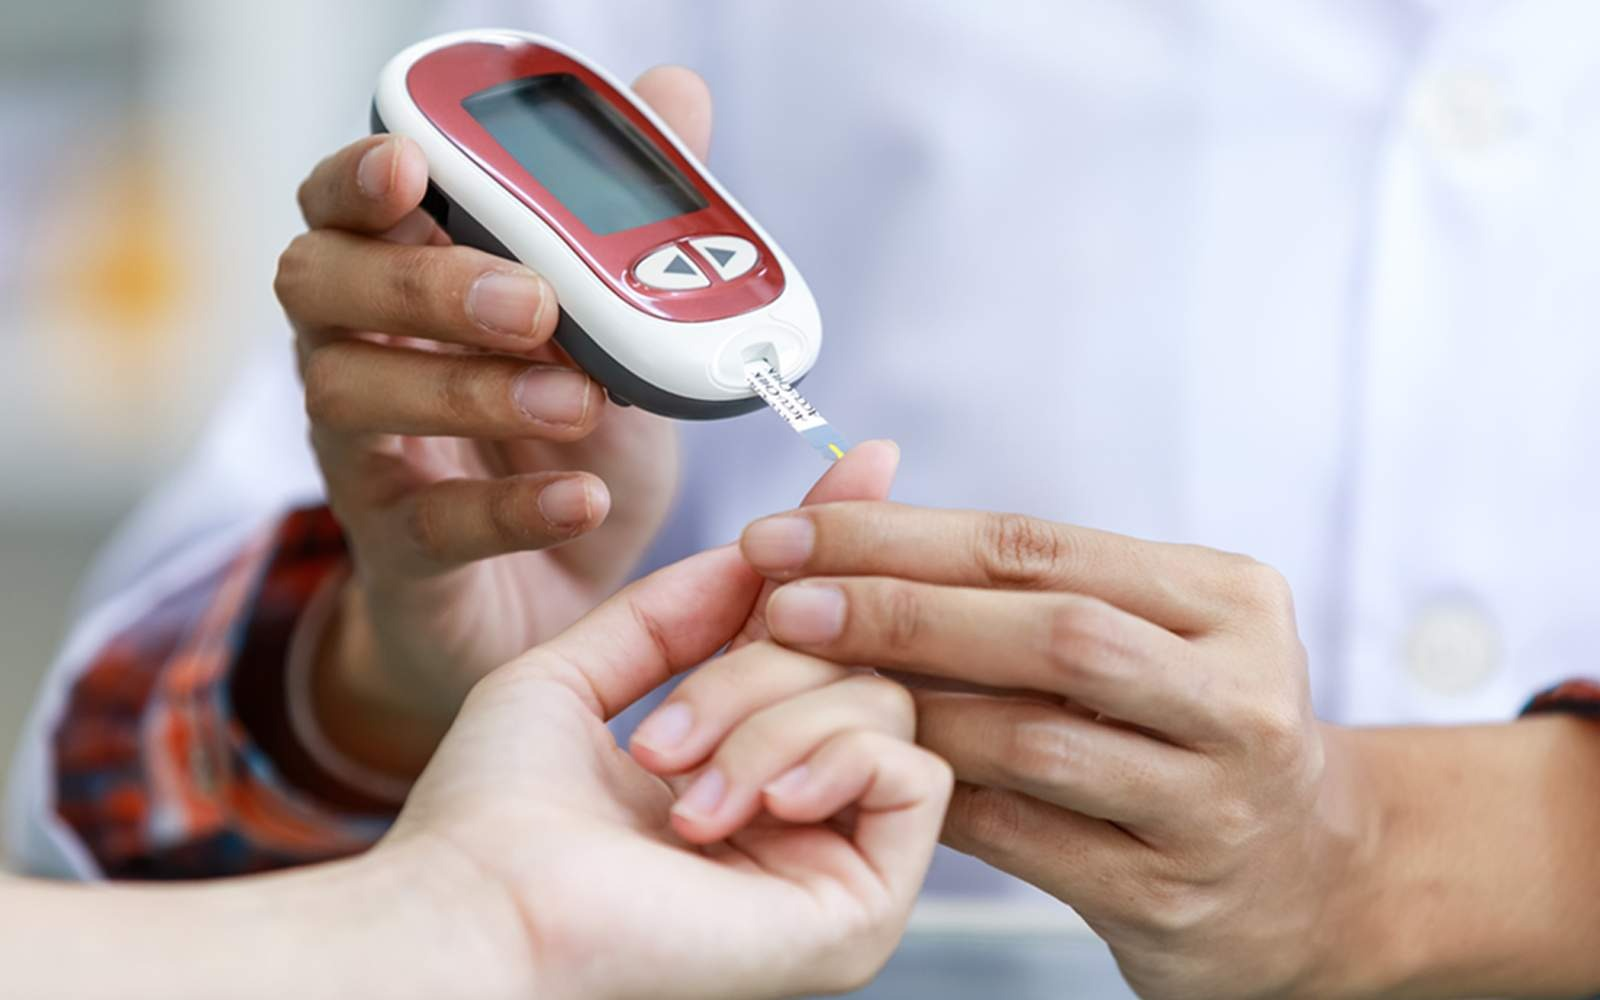 Diabetesi Lebih Rentan terhadap Virus dan Penyakit, Ini Alasannya